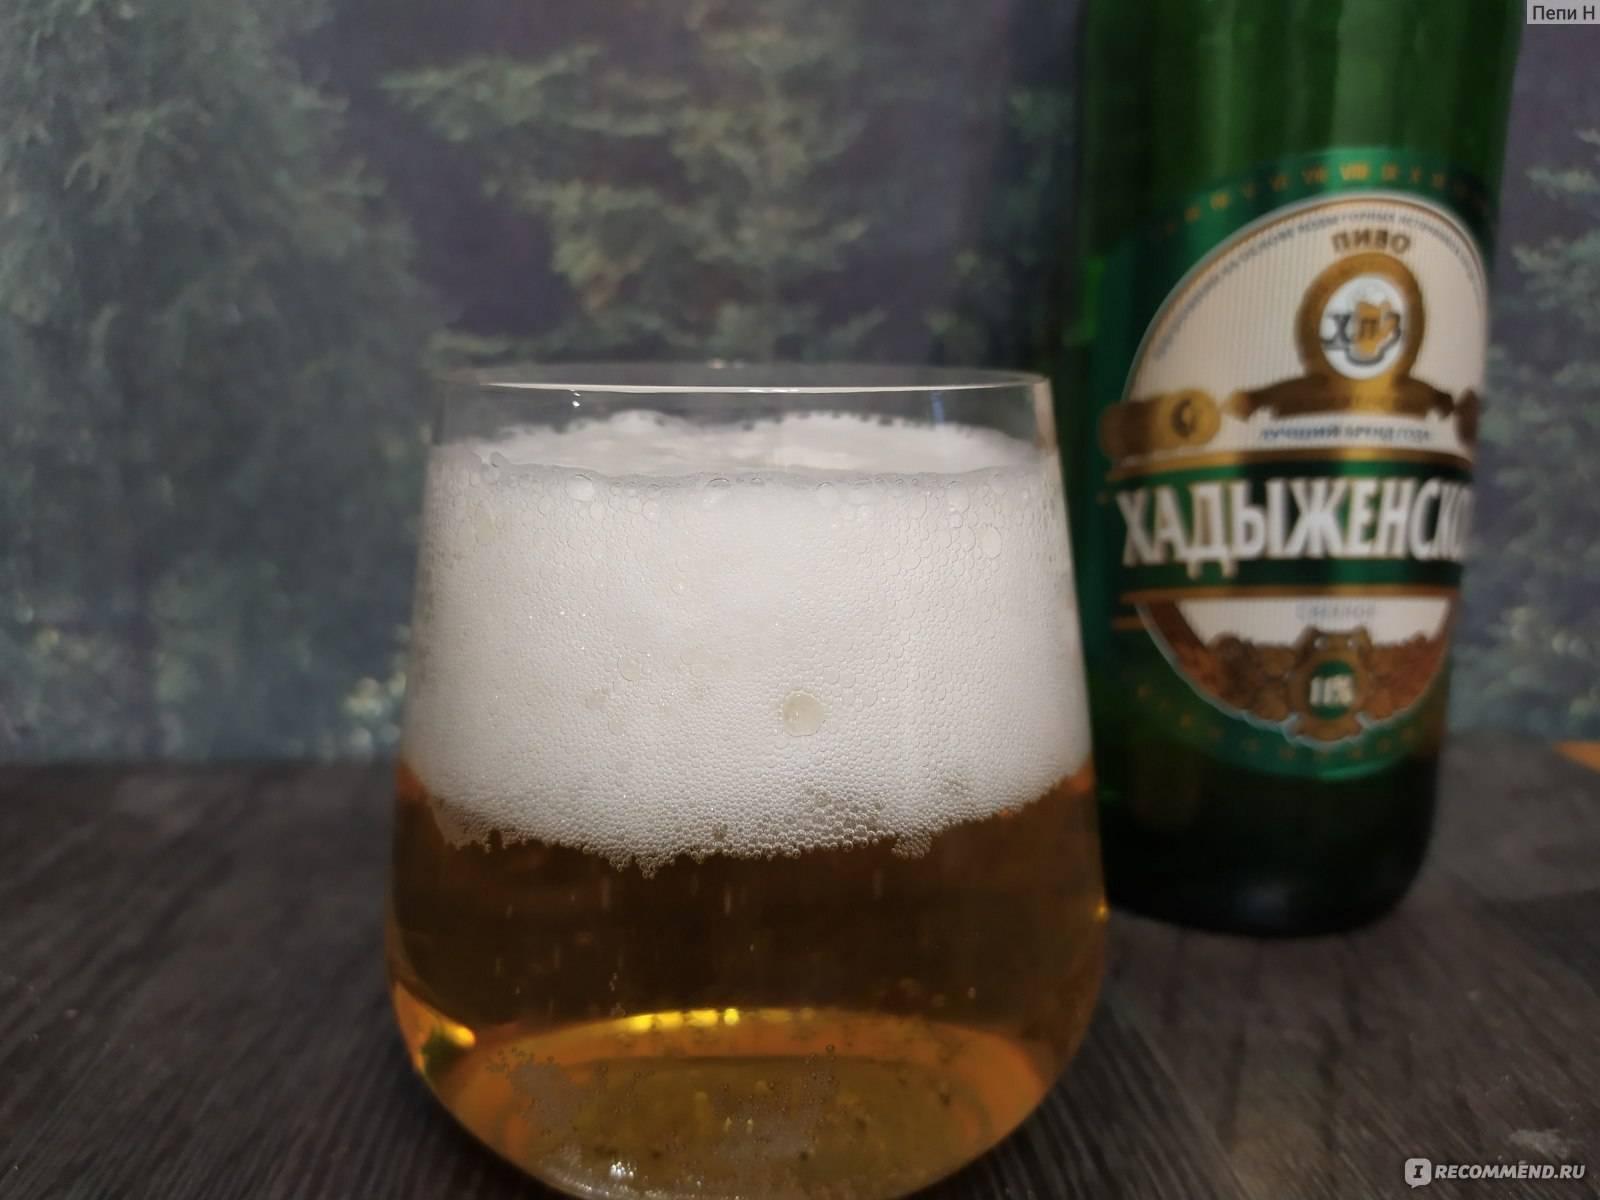 """Ооо """" хадыженское пиво """", хадыженск, инн 2325013101, огрн 1022303445086 окпо 51350463 - реквизиты, отзывы, контакты, рейтинг."""